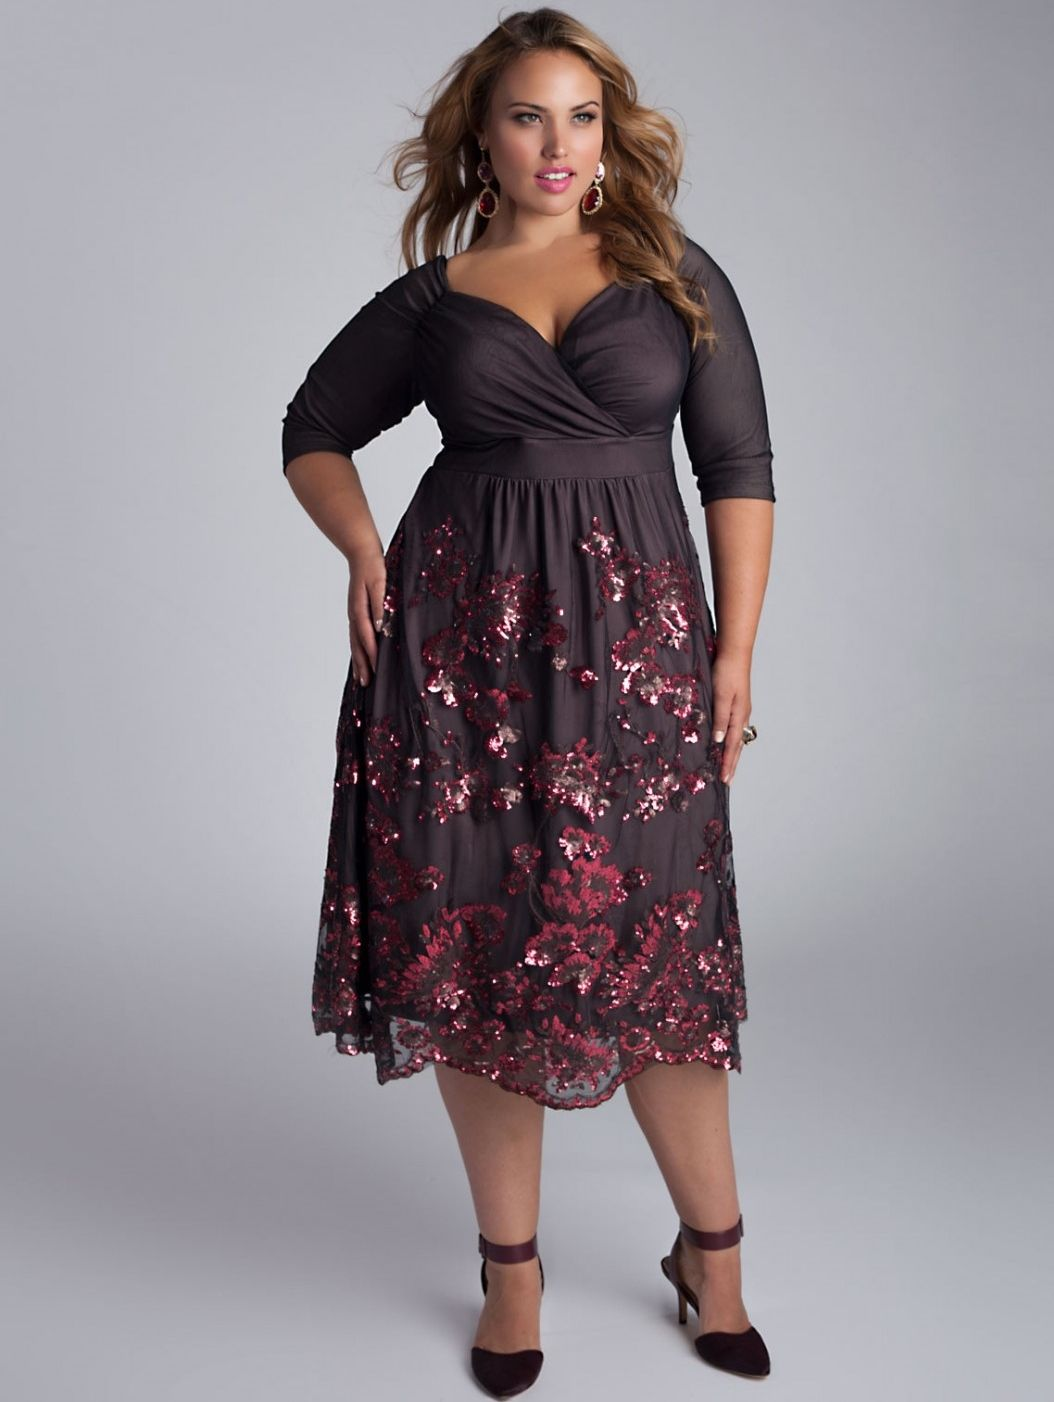 Amaryllis Dress by Igigi via www.ladiva.dk Sparkle away in this very special dress...